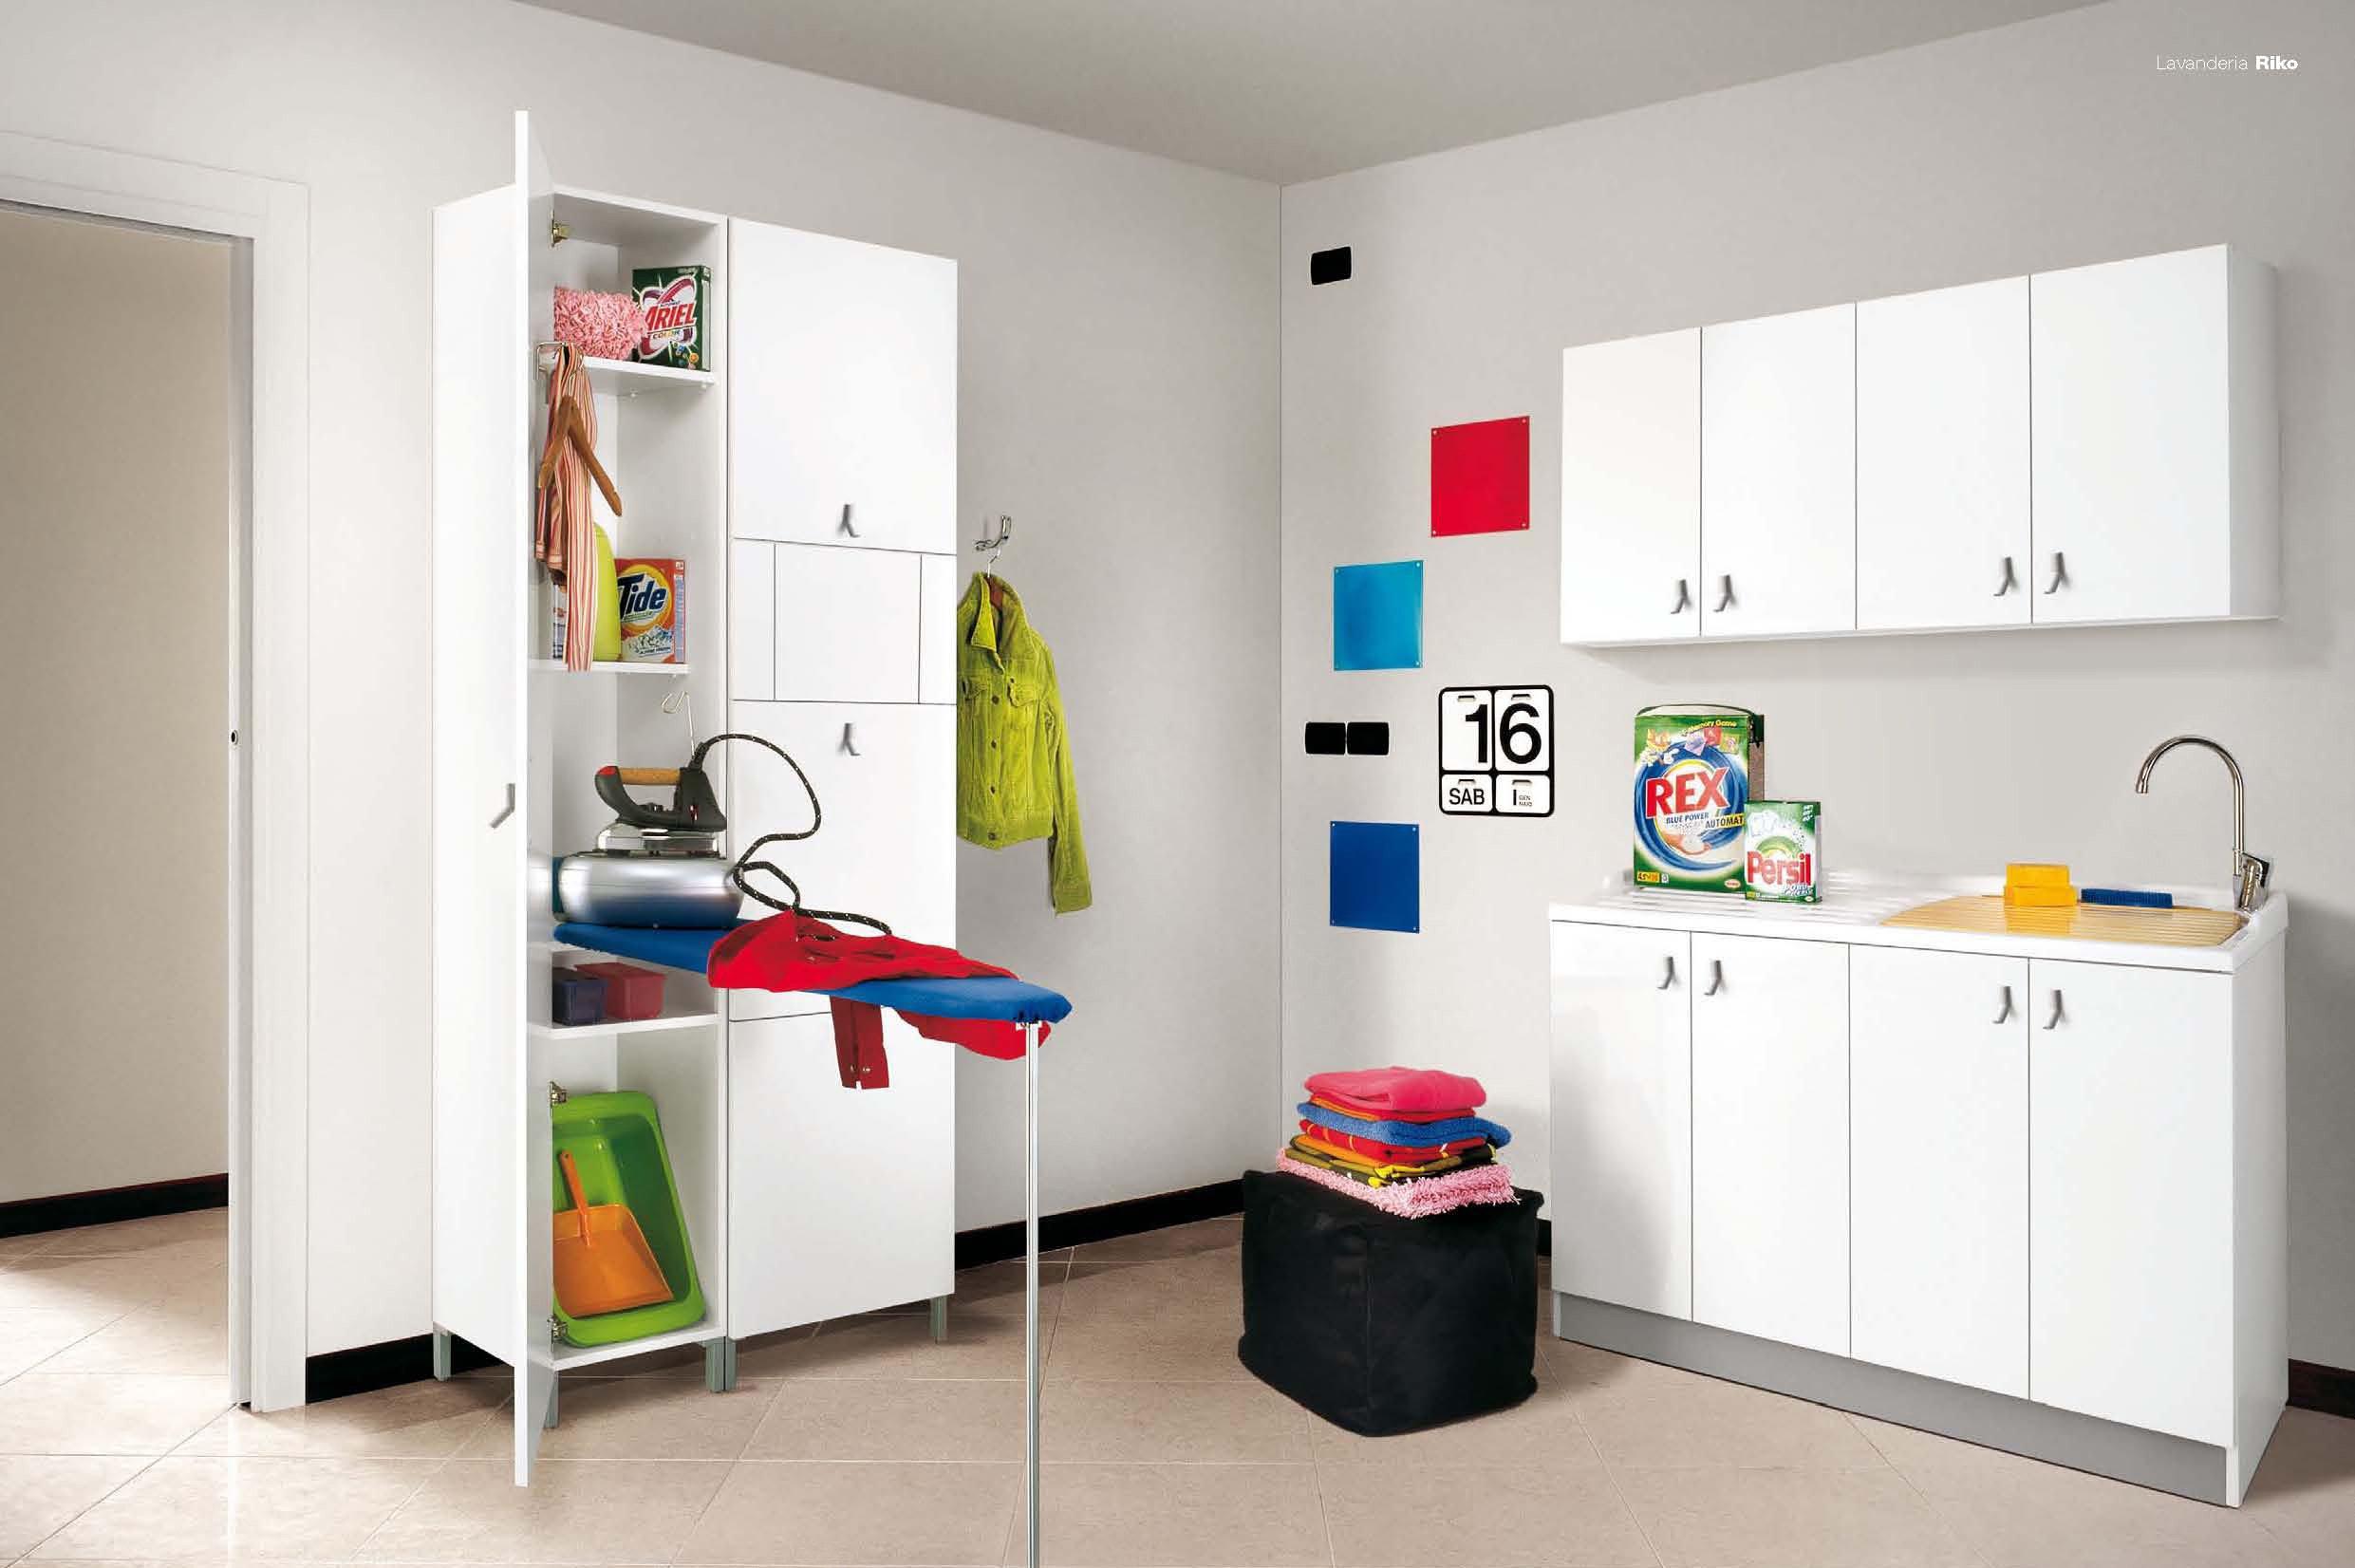 La lavanderia in 1 5 mq cose di casa - Arredare lavanderia di casa ...